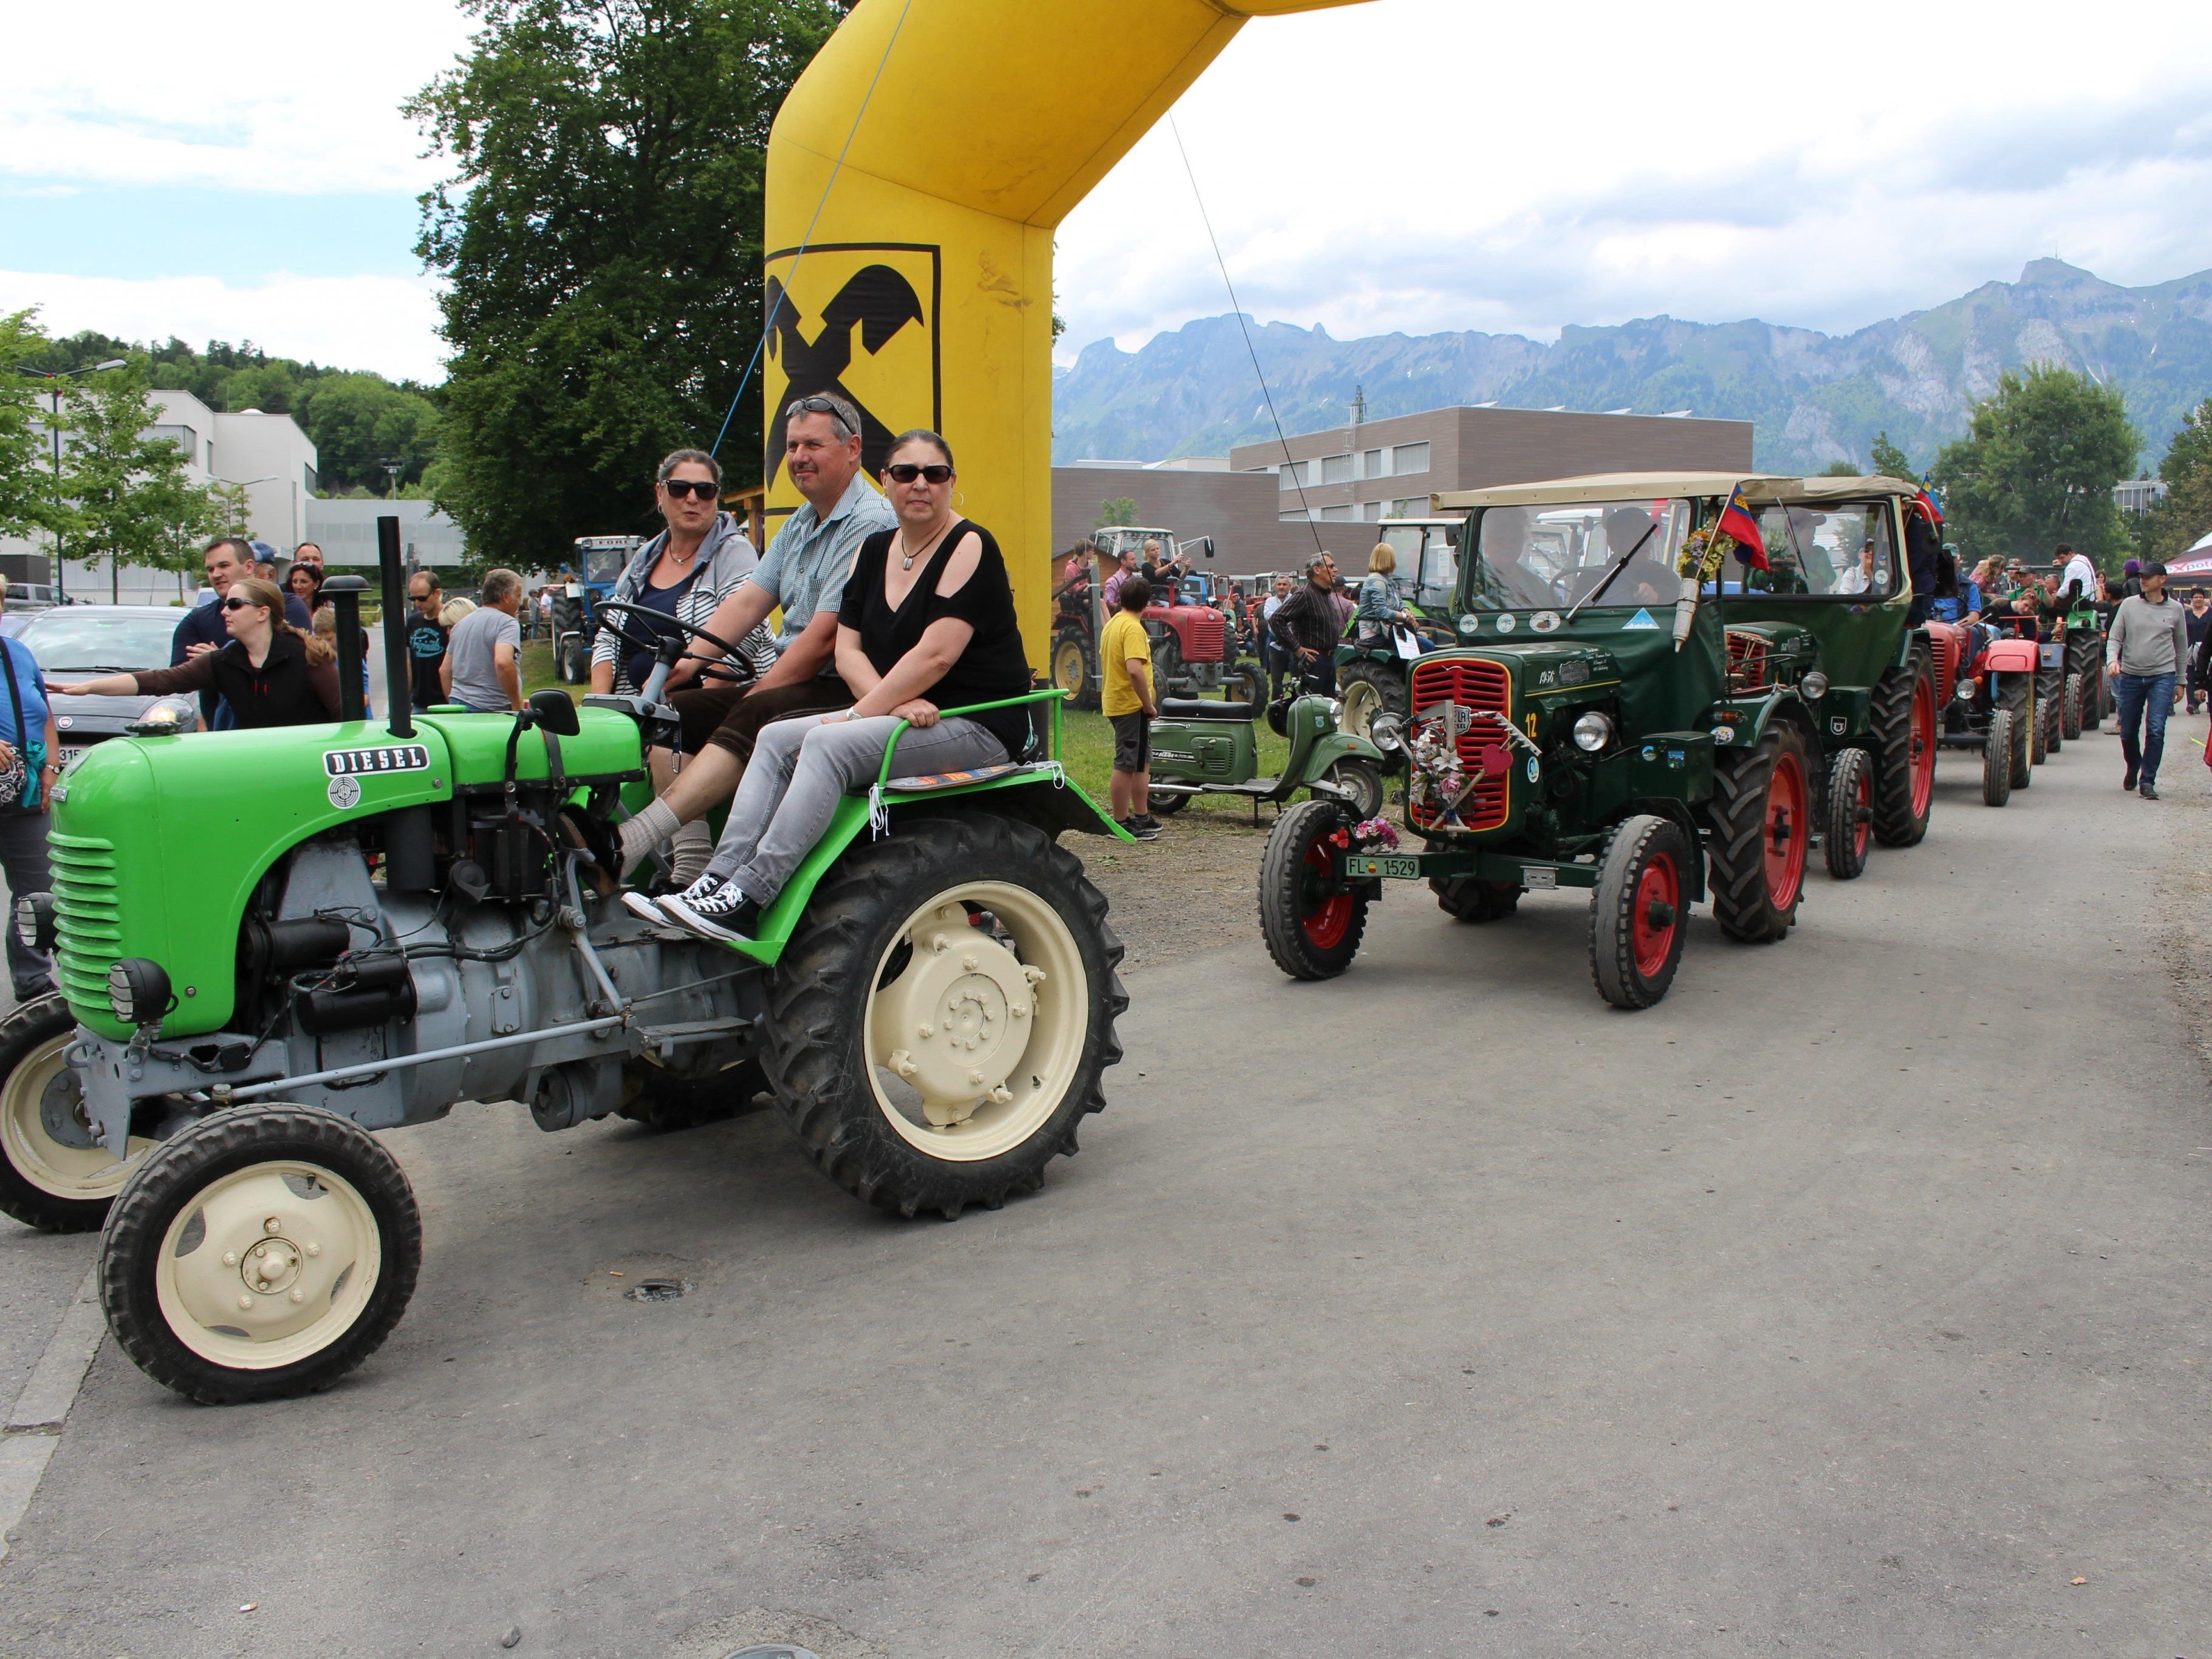 Großes Traktortreffen des Oldtimer Traktorclubs Montfort in Gisingen